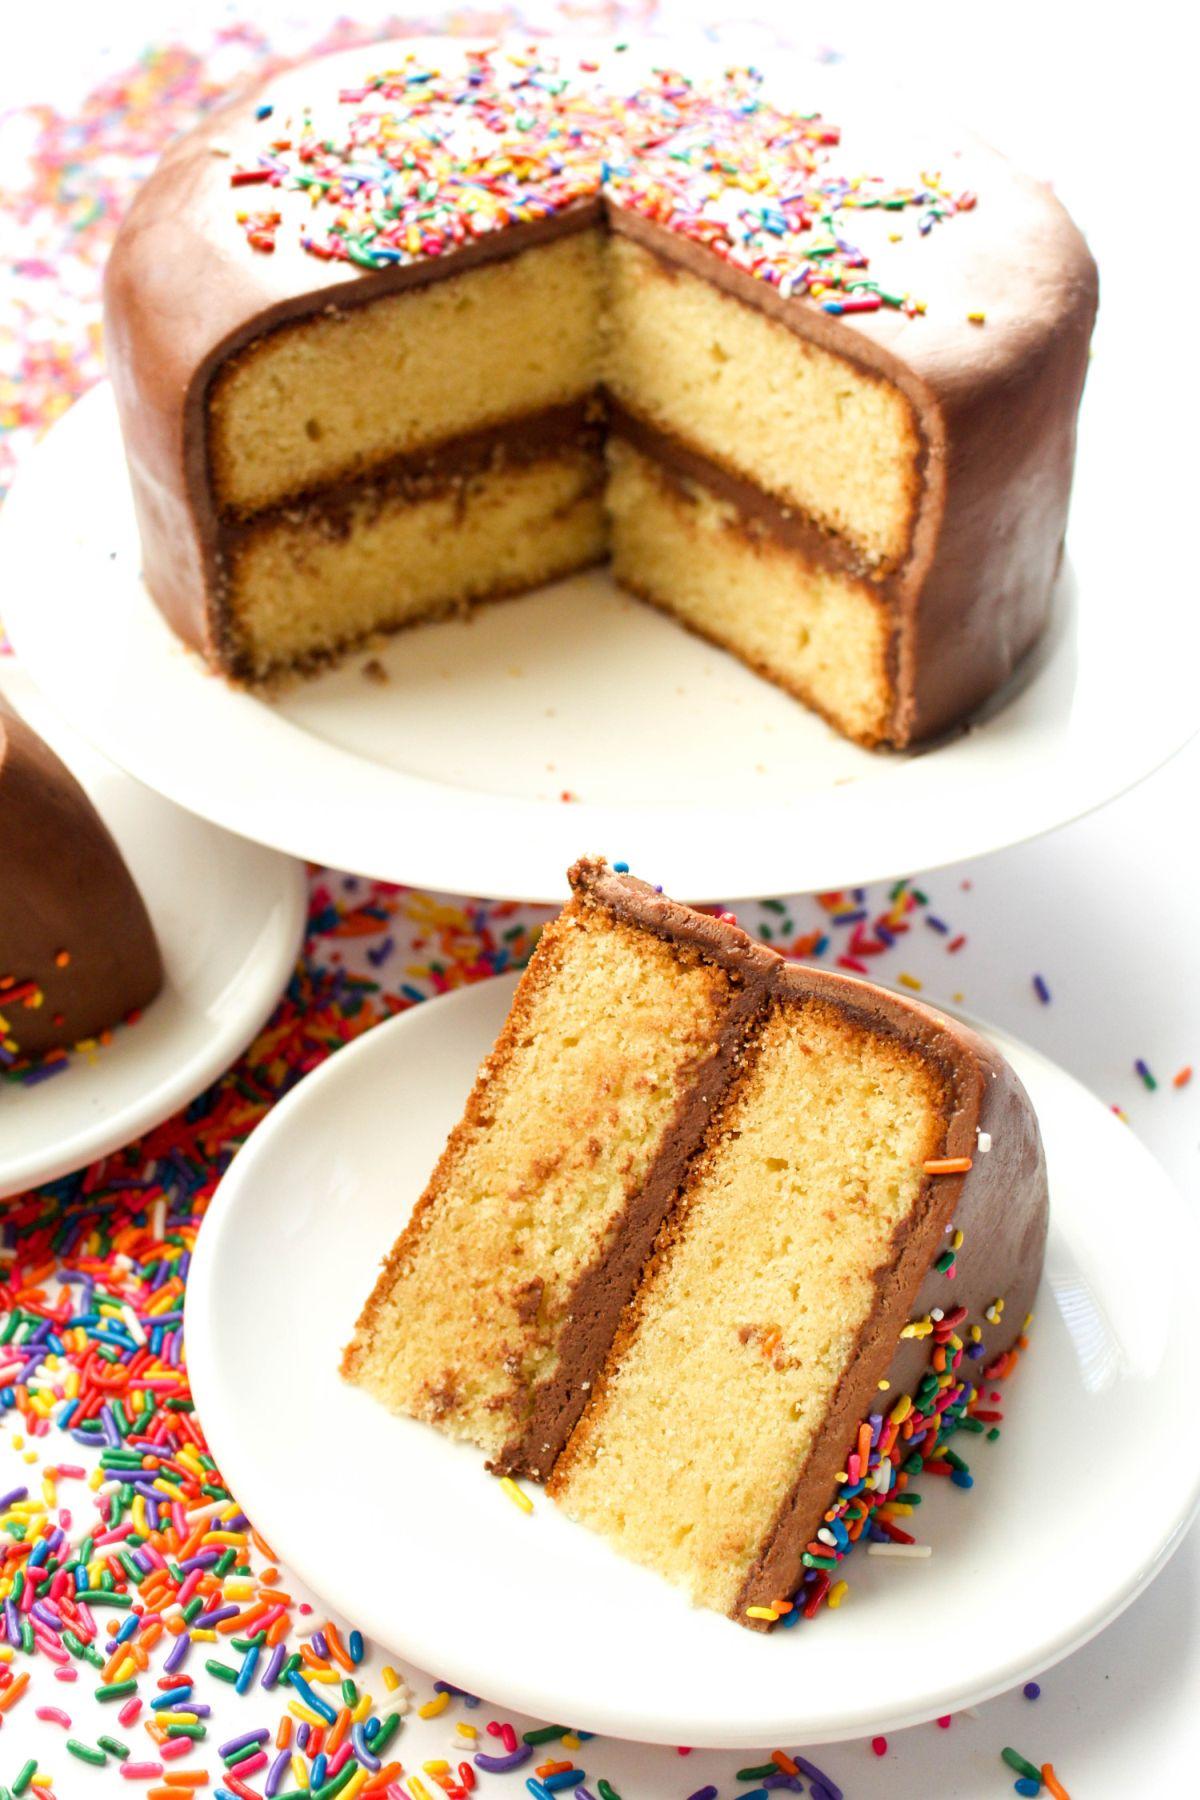 Fondant birthday cake slice